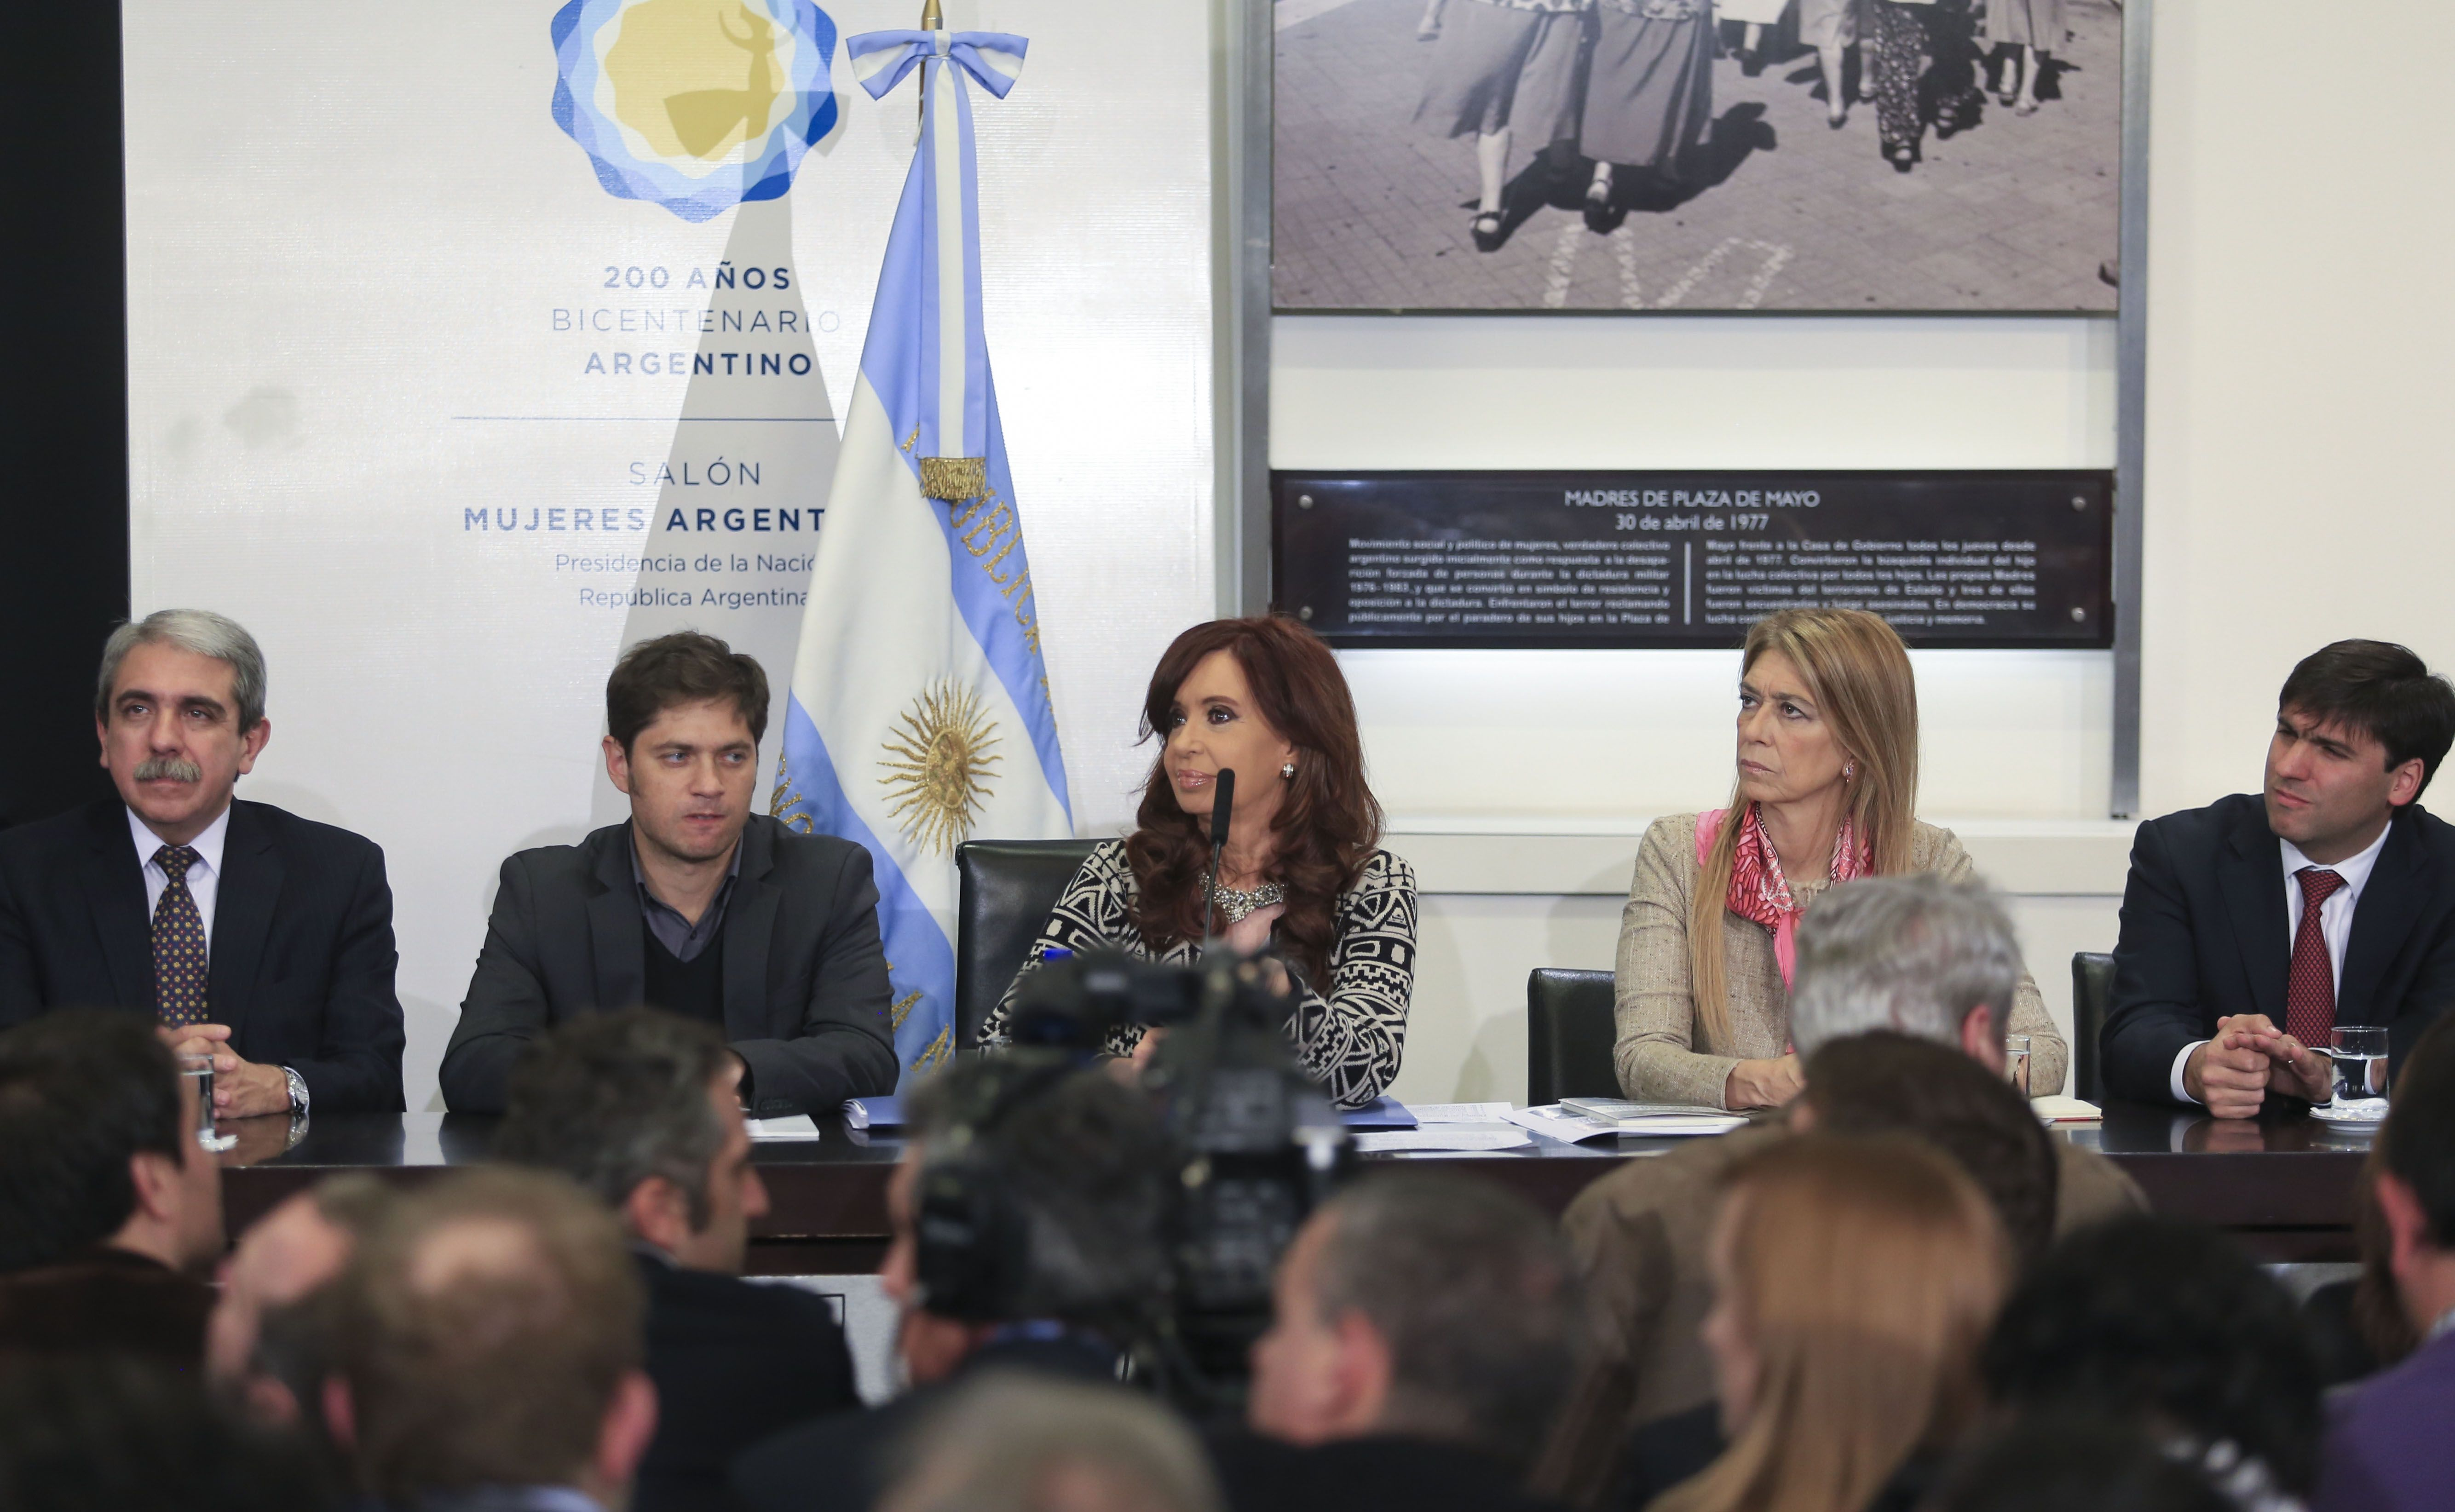 Anuncios. La presidenta Cristina Fernández de Kirchner habló en el Salón de las Mujeres de la Casa Rosada.